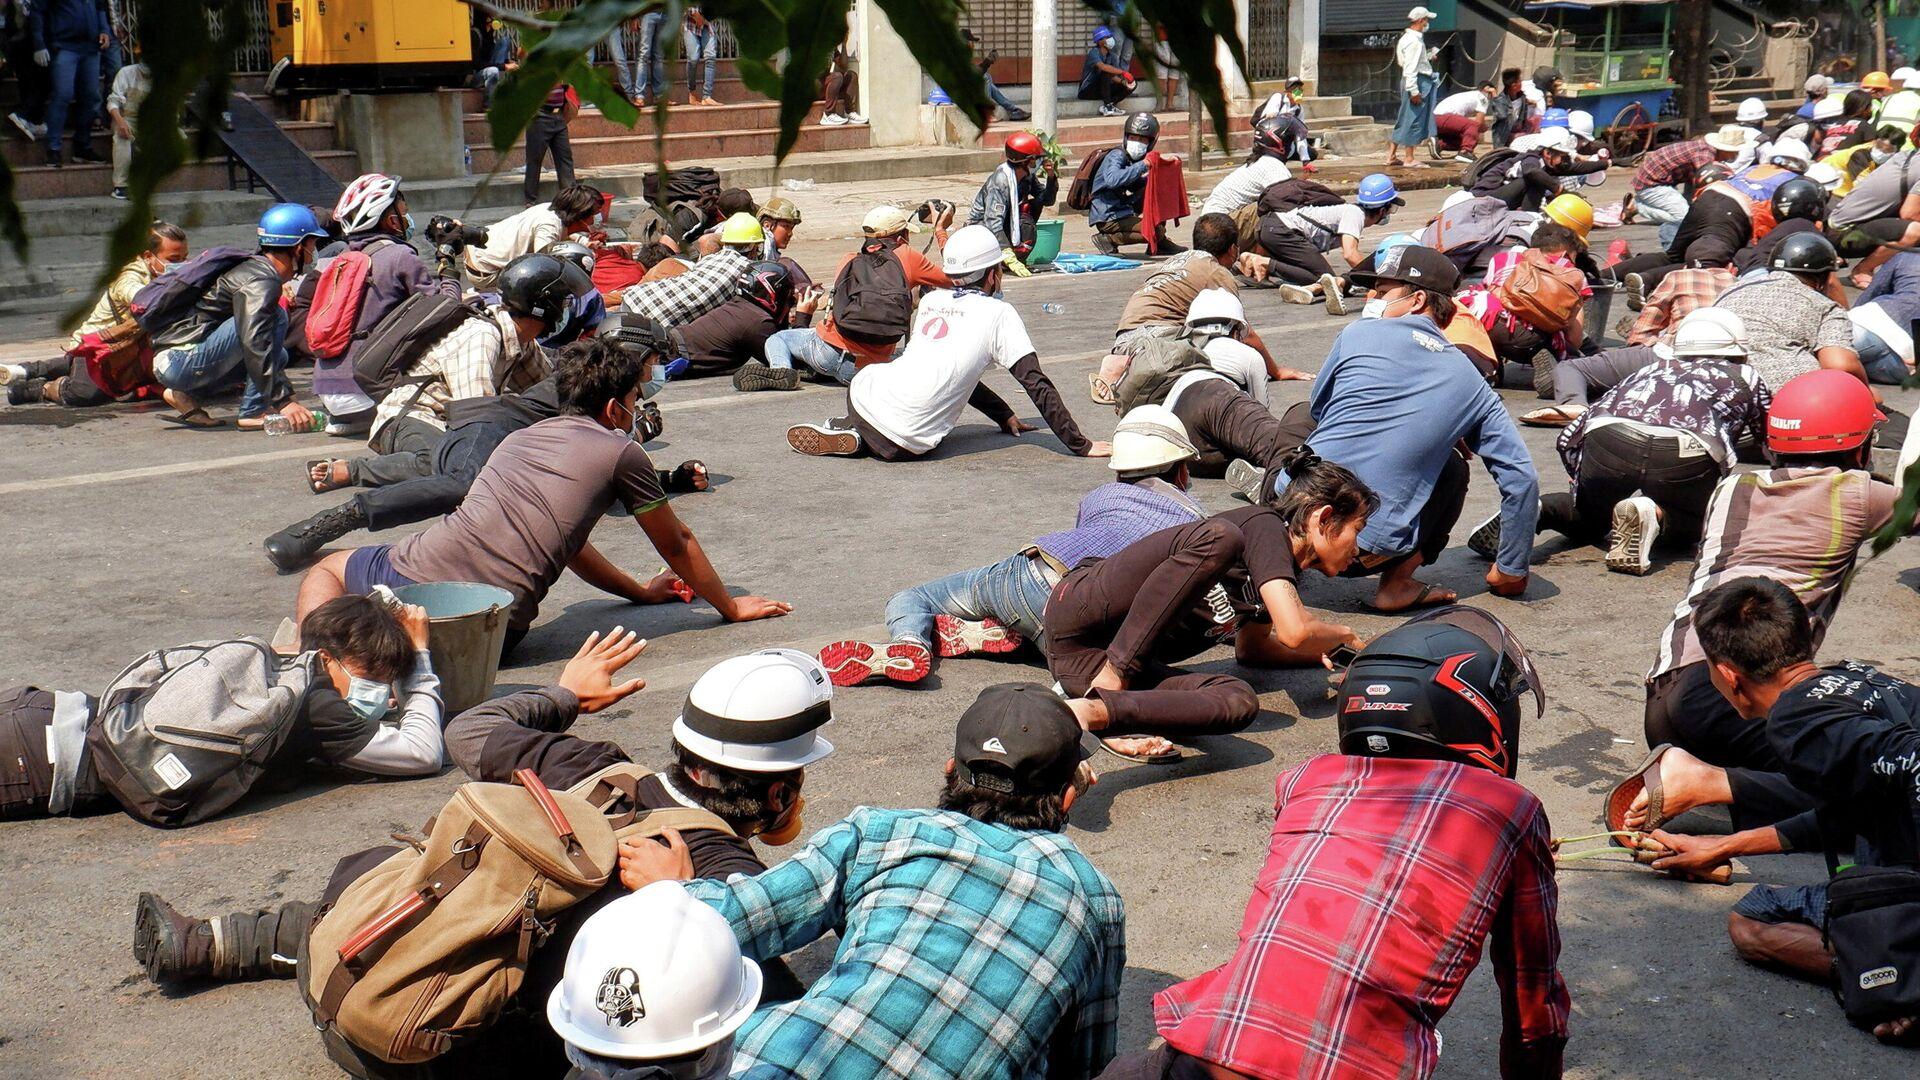 Protestas en Birmania contra del gobierno militar, el 3 de marzo de 2021 - Sputnik Mundo, 1920, 03.03.2021